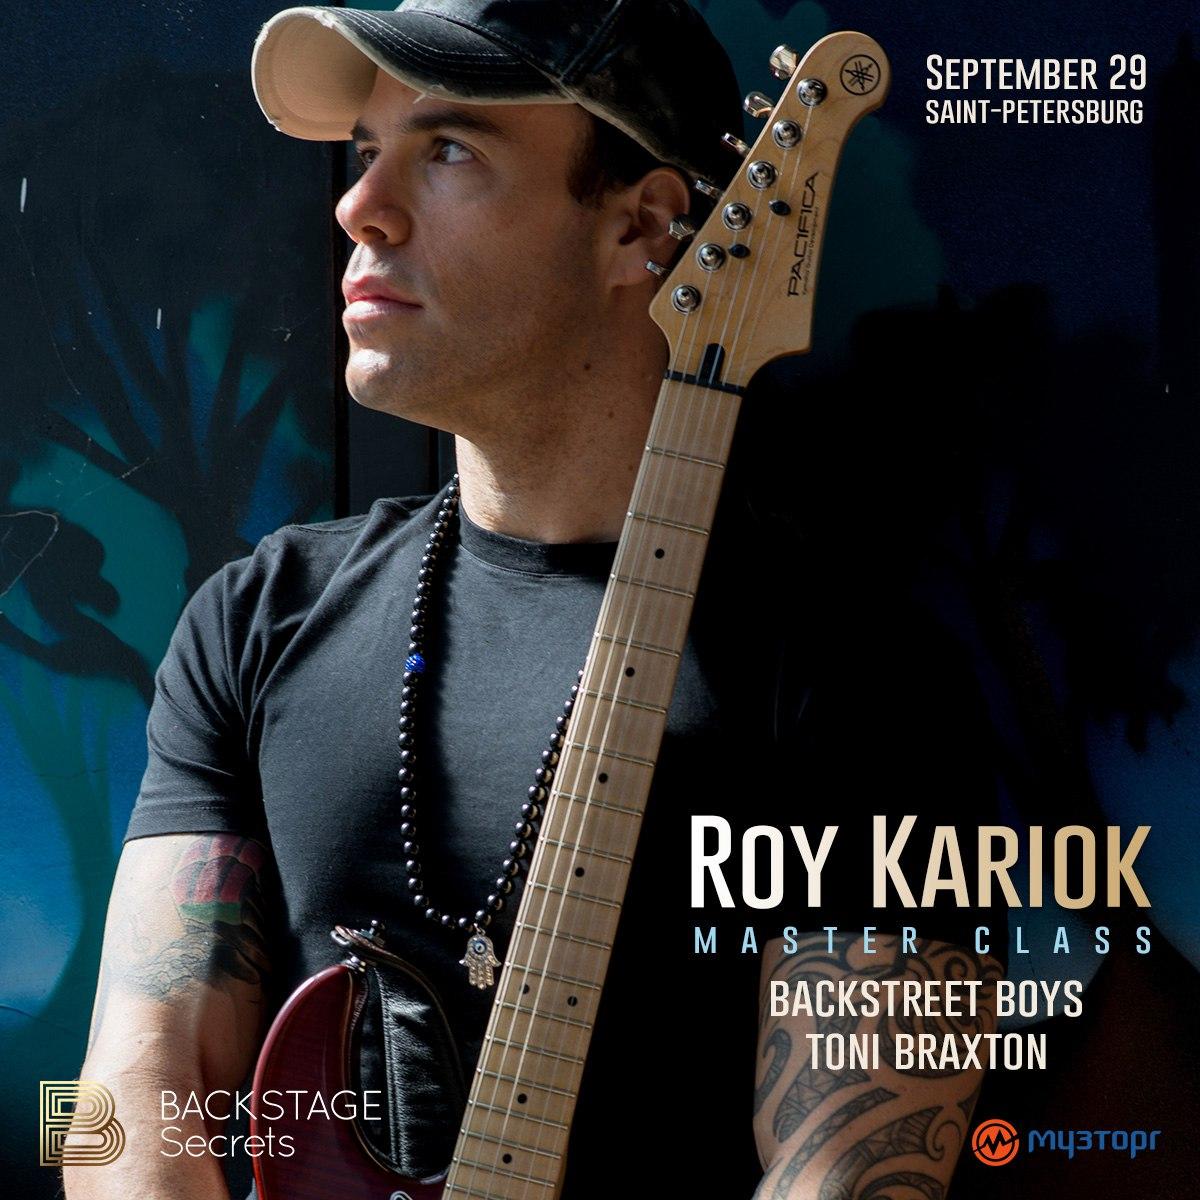 Рой Кэриок (Roy Kariok) в интервью